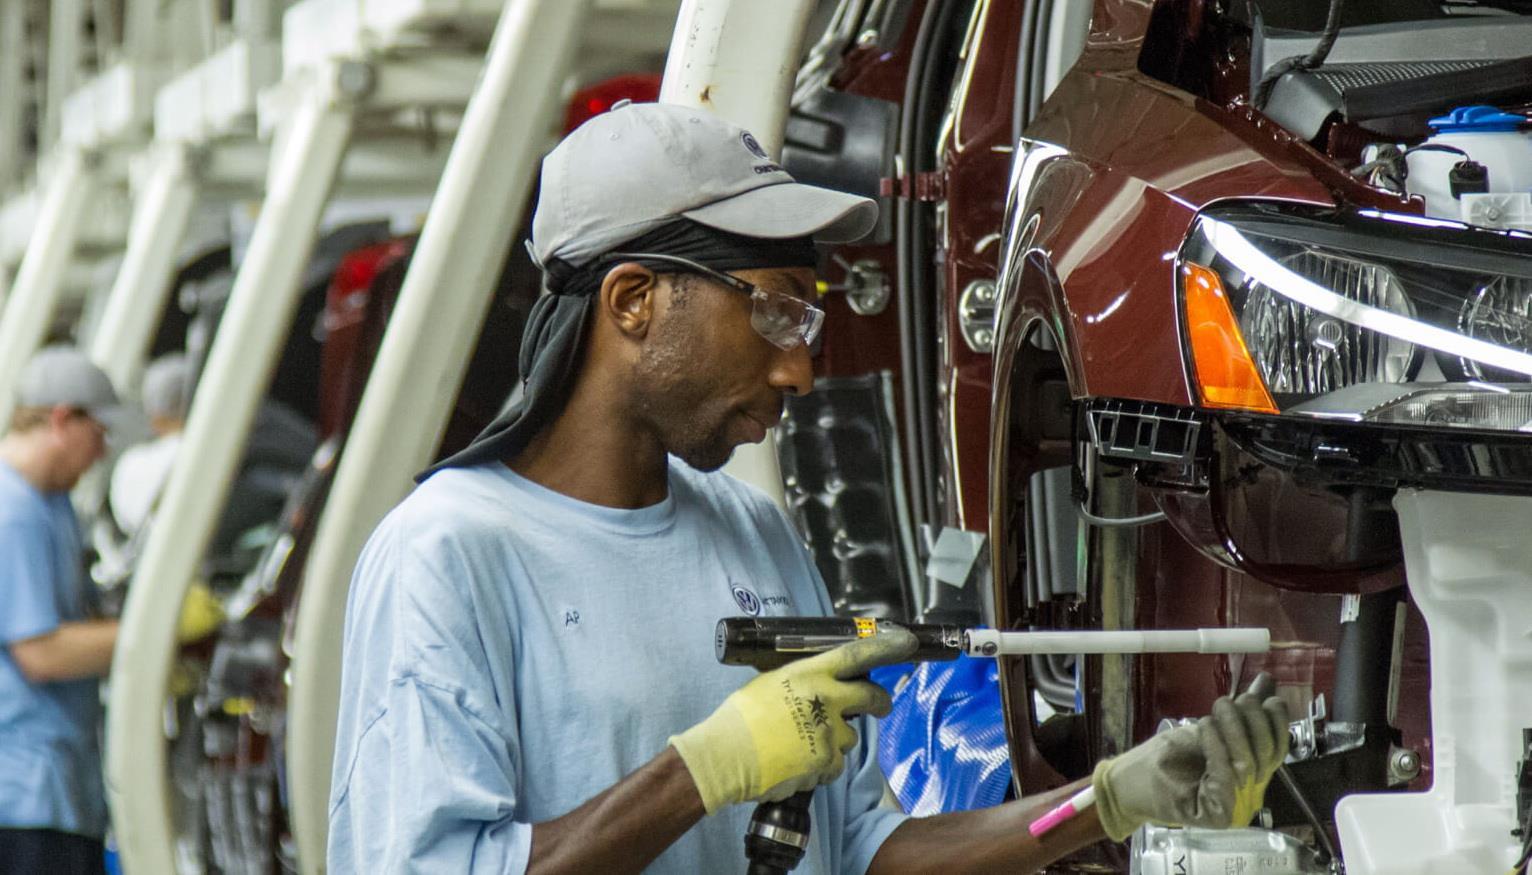 Mỹ: Thị trường việc làm và doanh số bán nhà sẵn khả quan